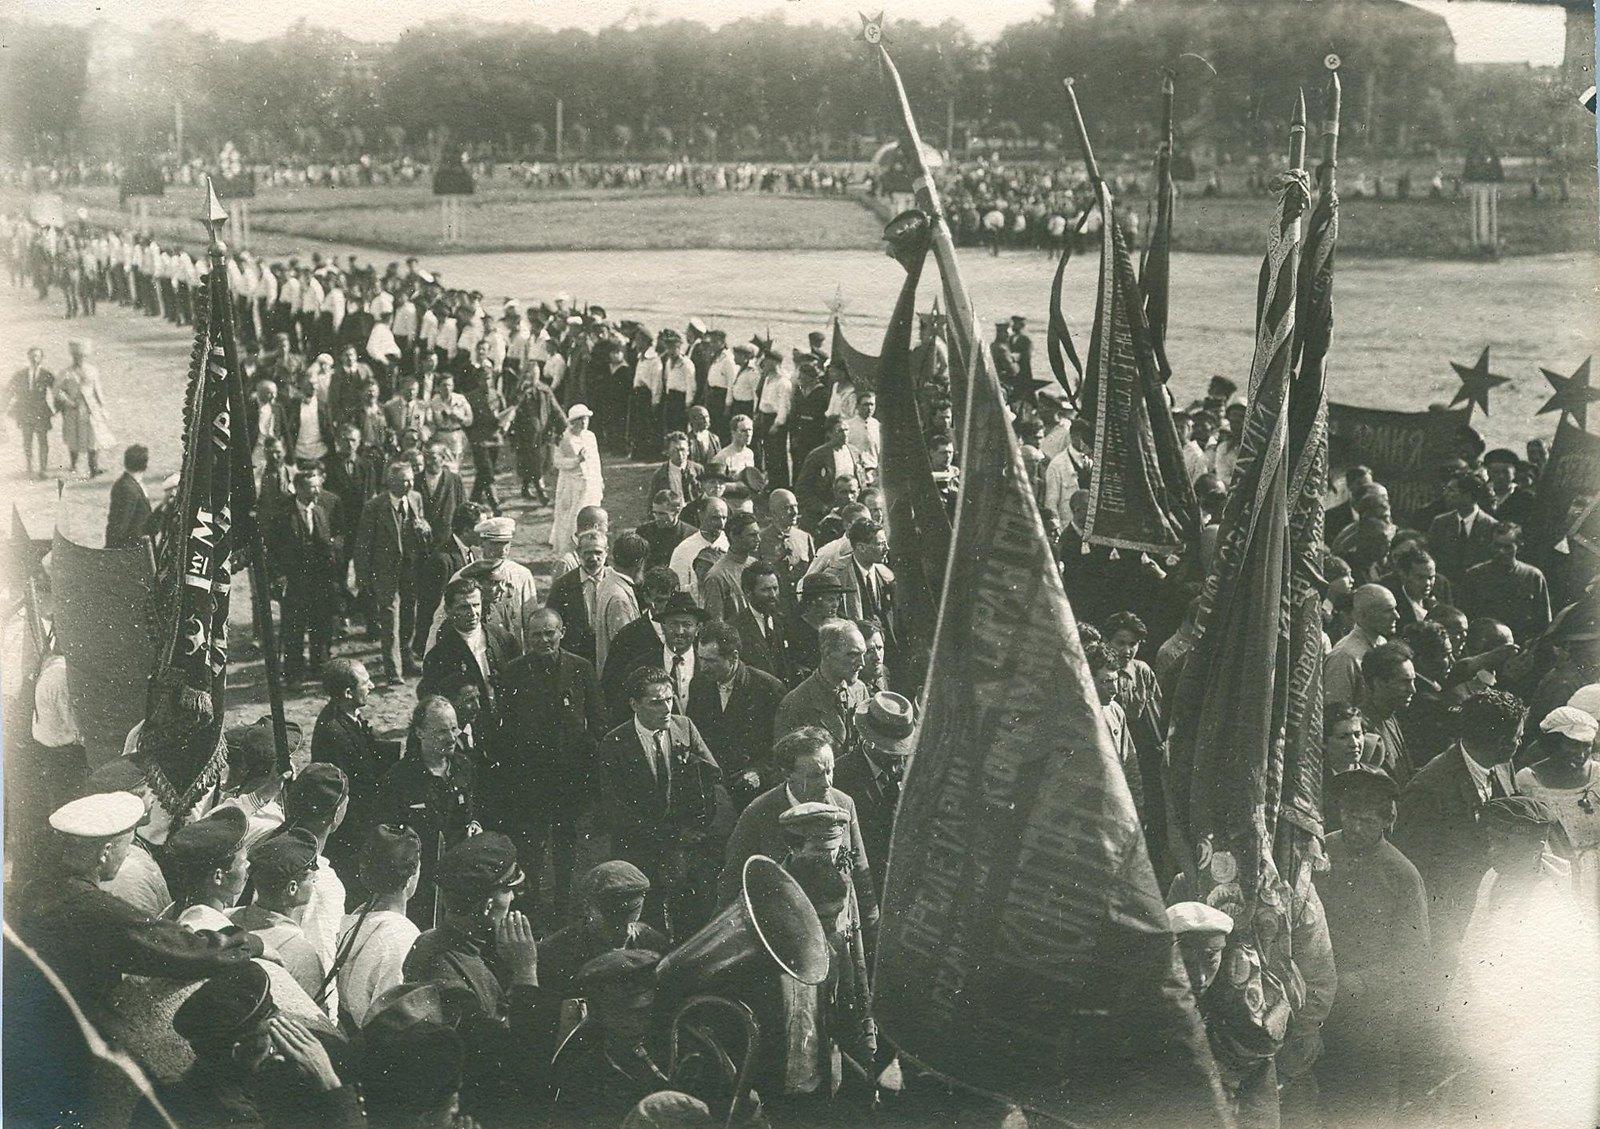 23. 1920. 19 июля. Манифестация на площади Жертв Революции (Марсово поле) во время торжественного открытия II конгресса Коминтерна